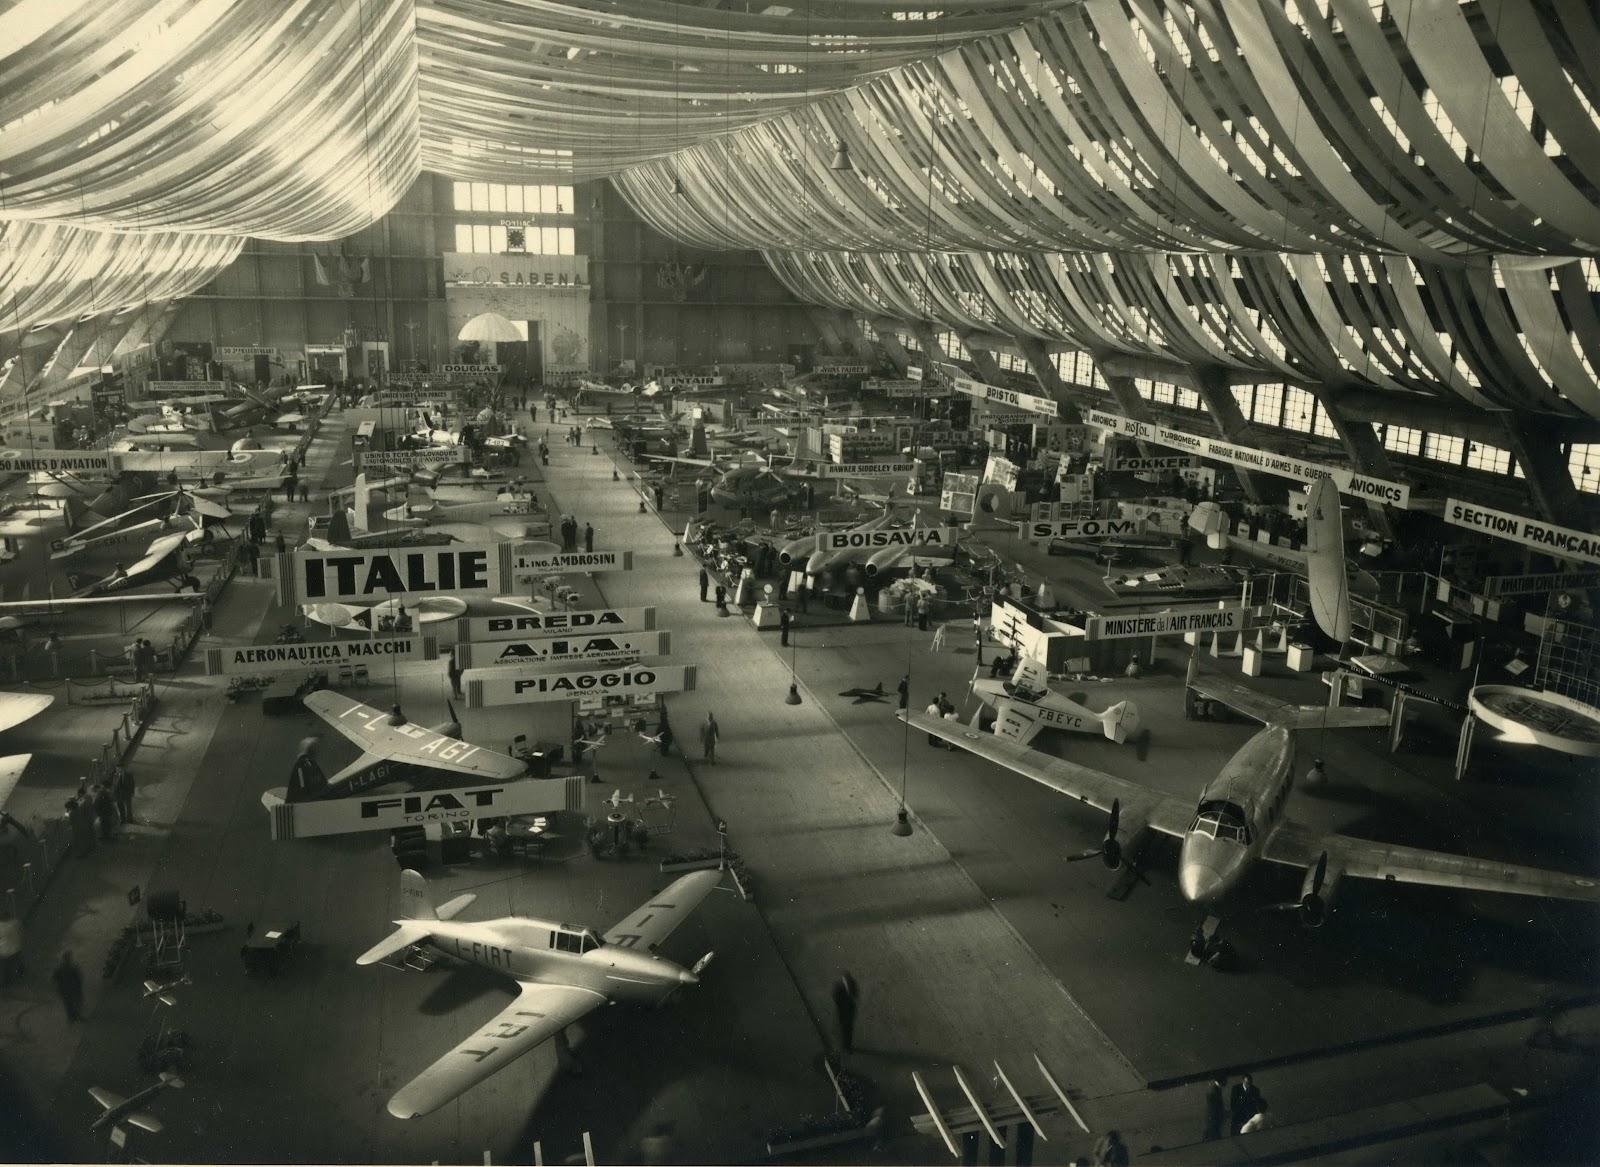 Belgianaviationnews salon a ronautique de bruxelles for Salon aeronautique